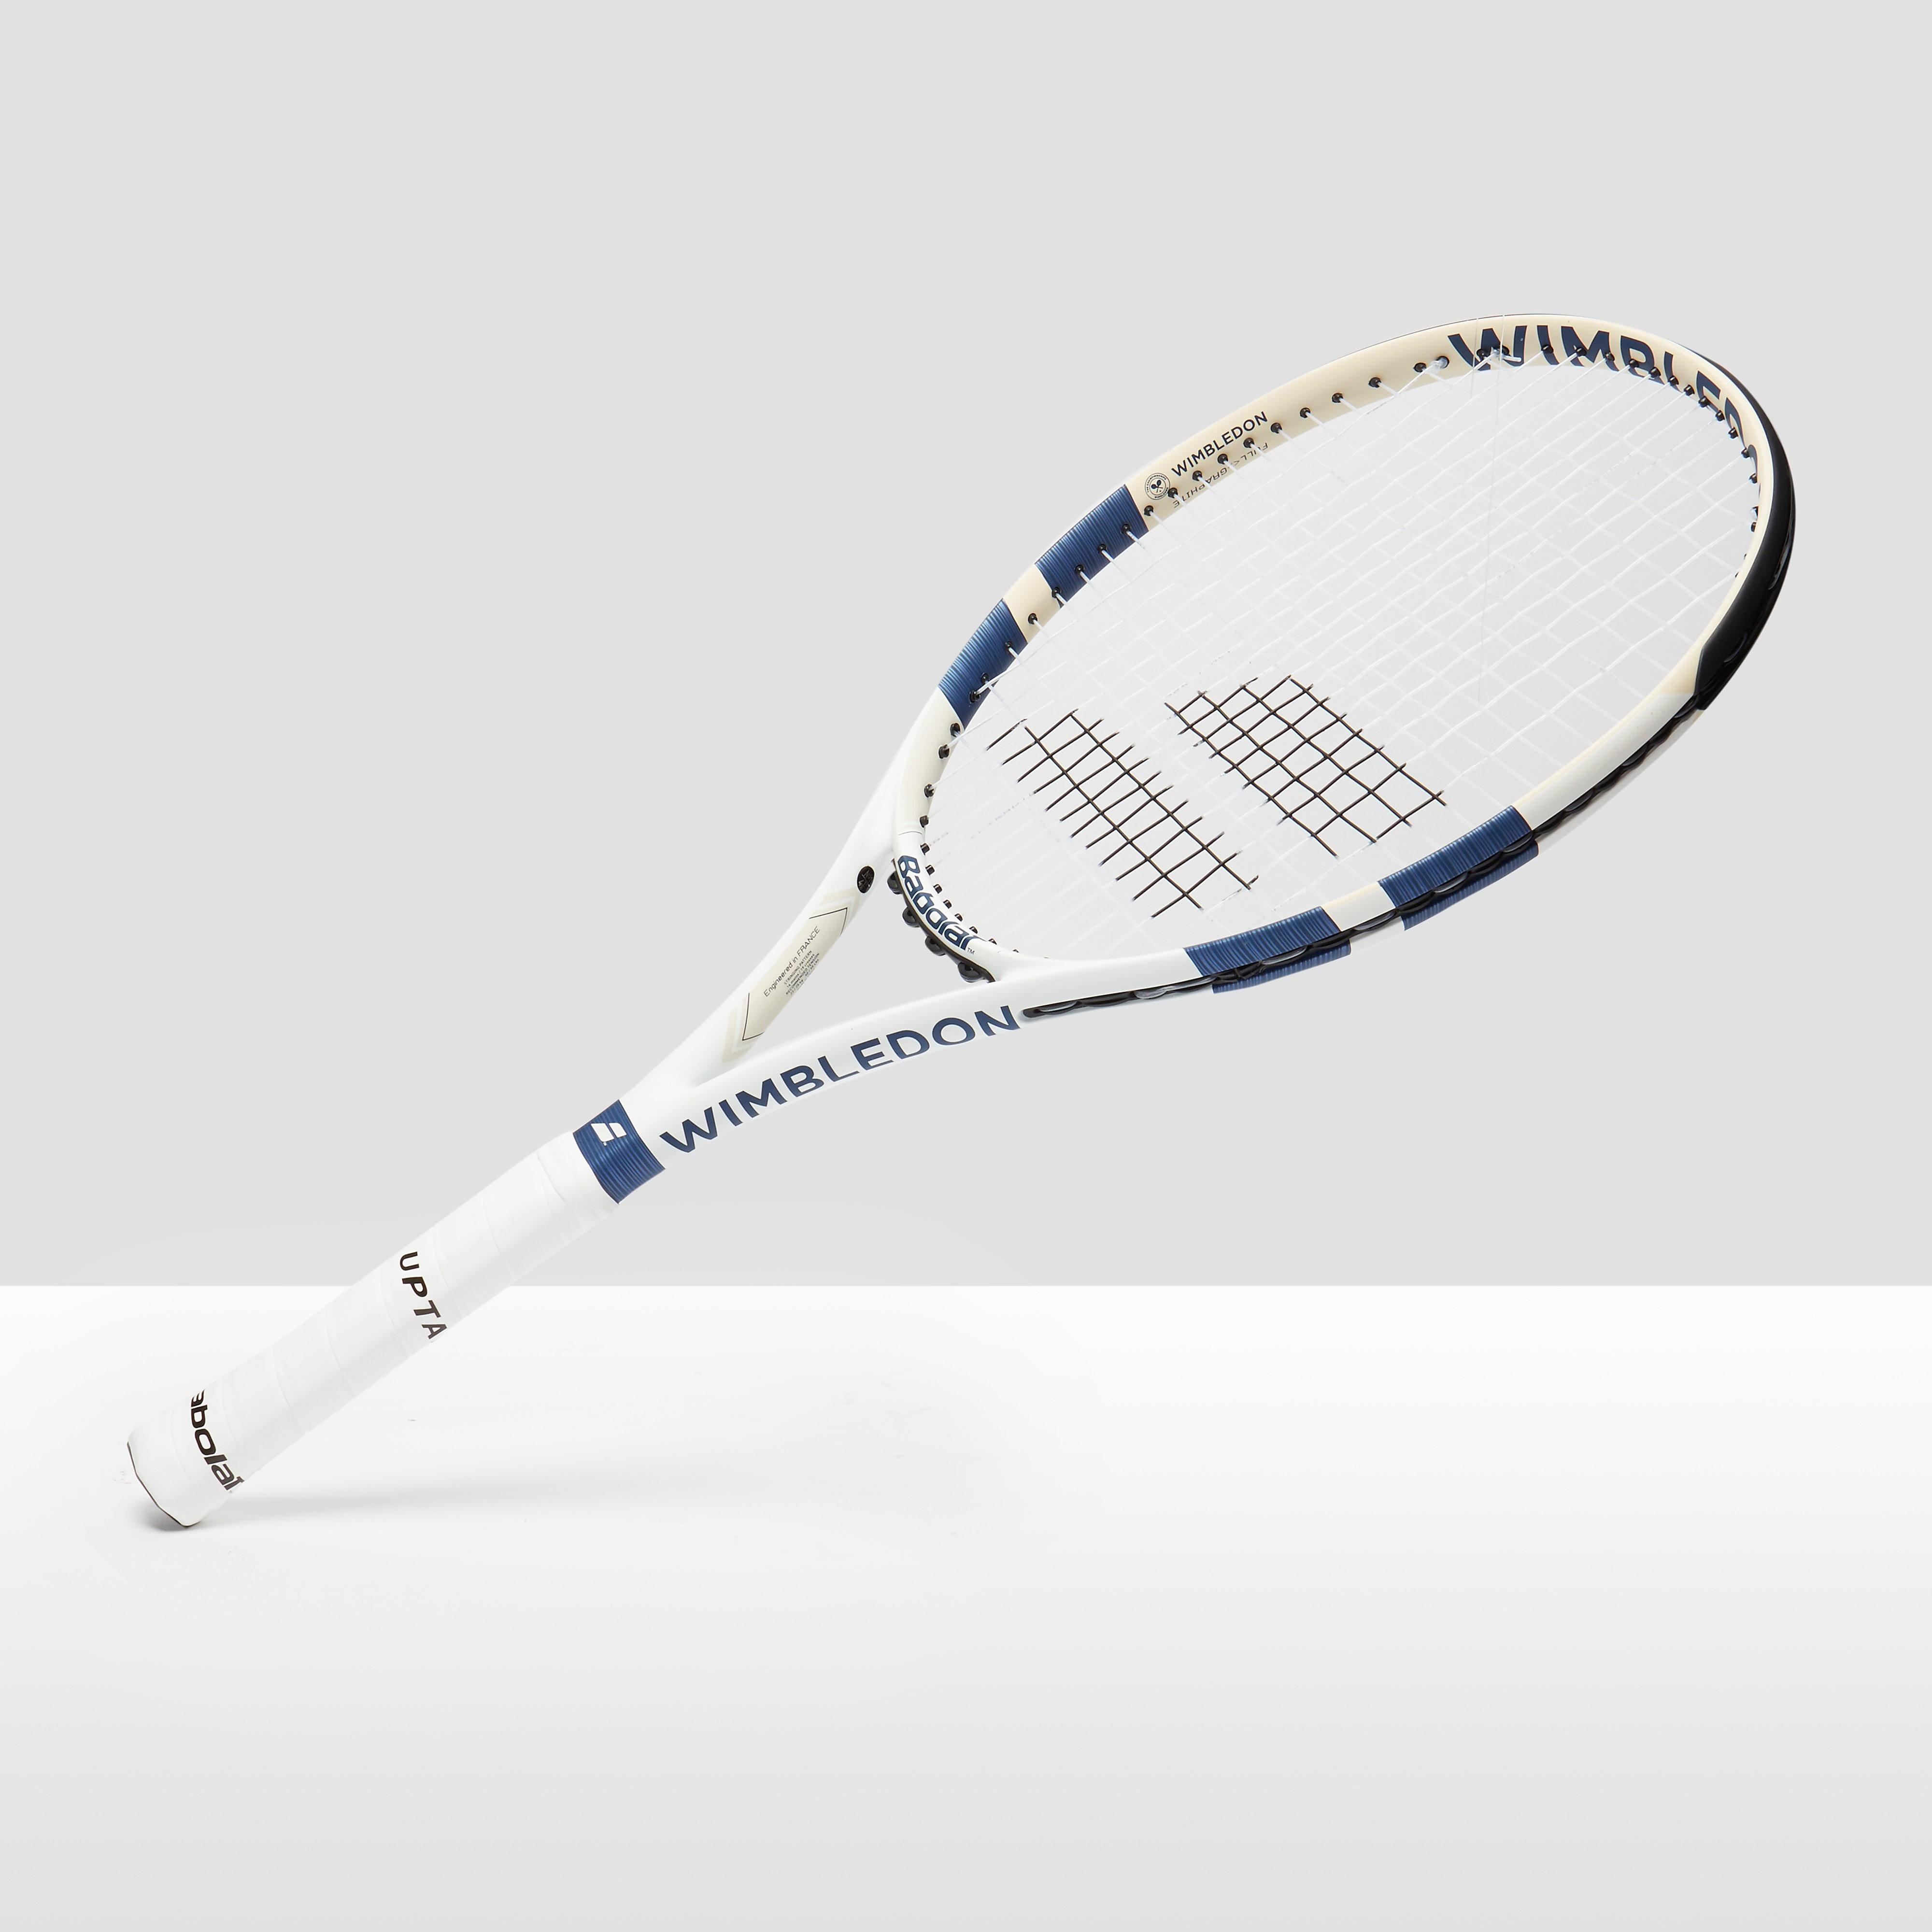 Babolat Wimbledon Boost Aero Tennis Racket